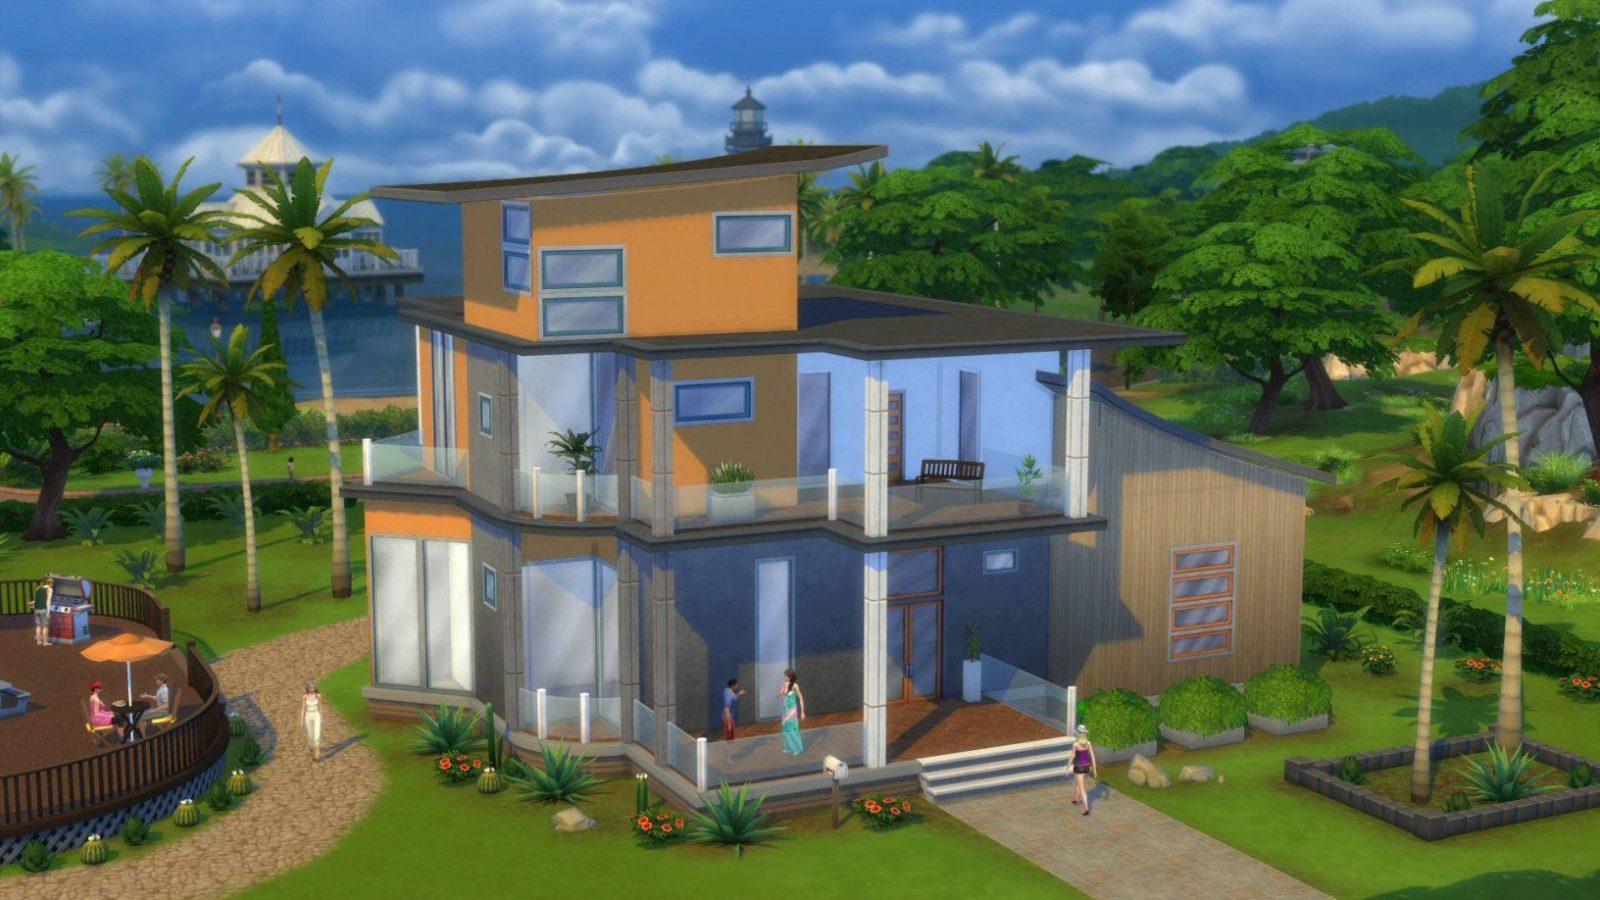 Sims 4 Häuser Zum Nachbauen Fj18 Messianica Avec Sims 4 Haus Ideen von Sims 4 Häuser Zum Nachbauen Bild